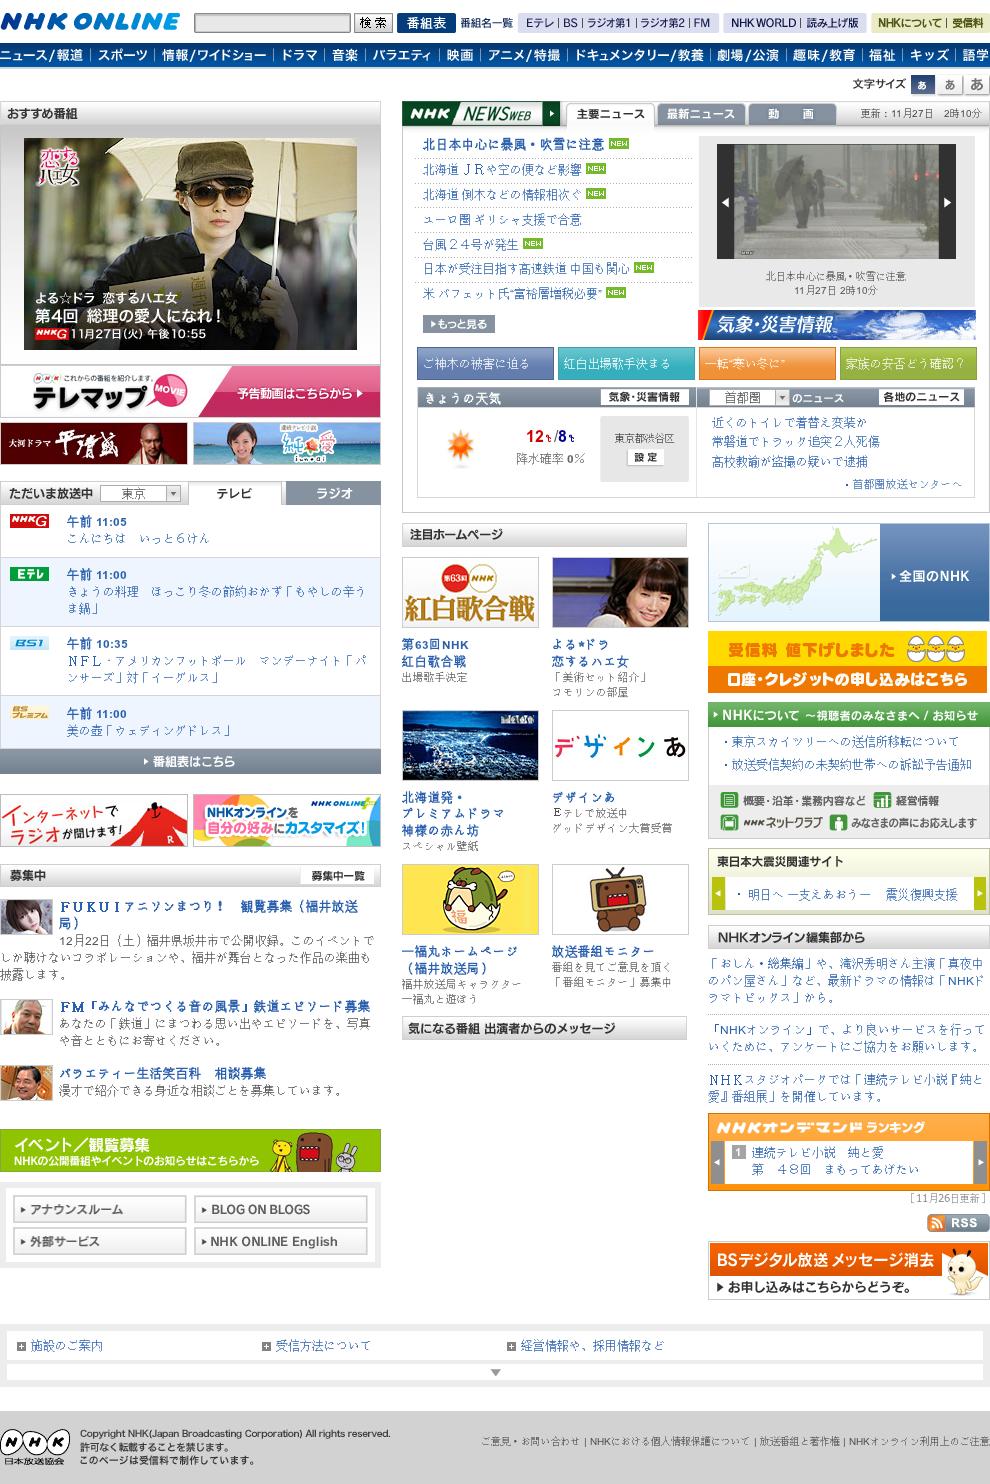 NHK Online at Tuesday Nov. 27, 2012, 2:22 a.m. UTC